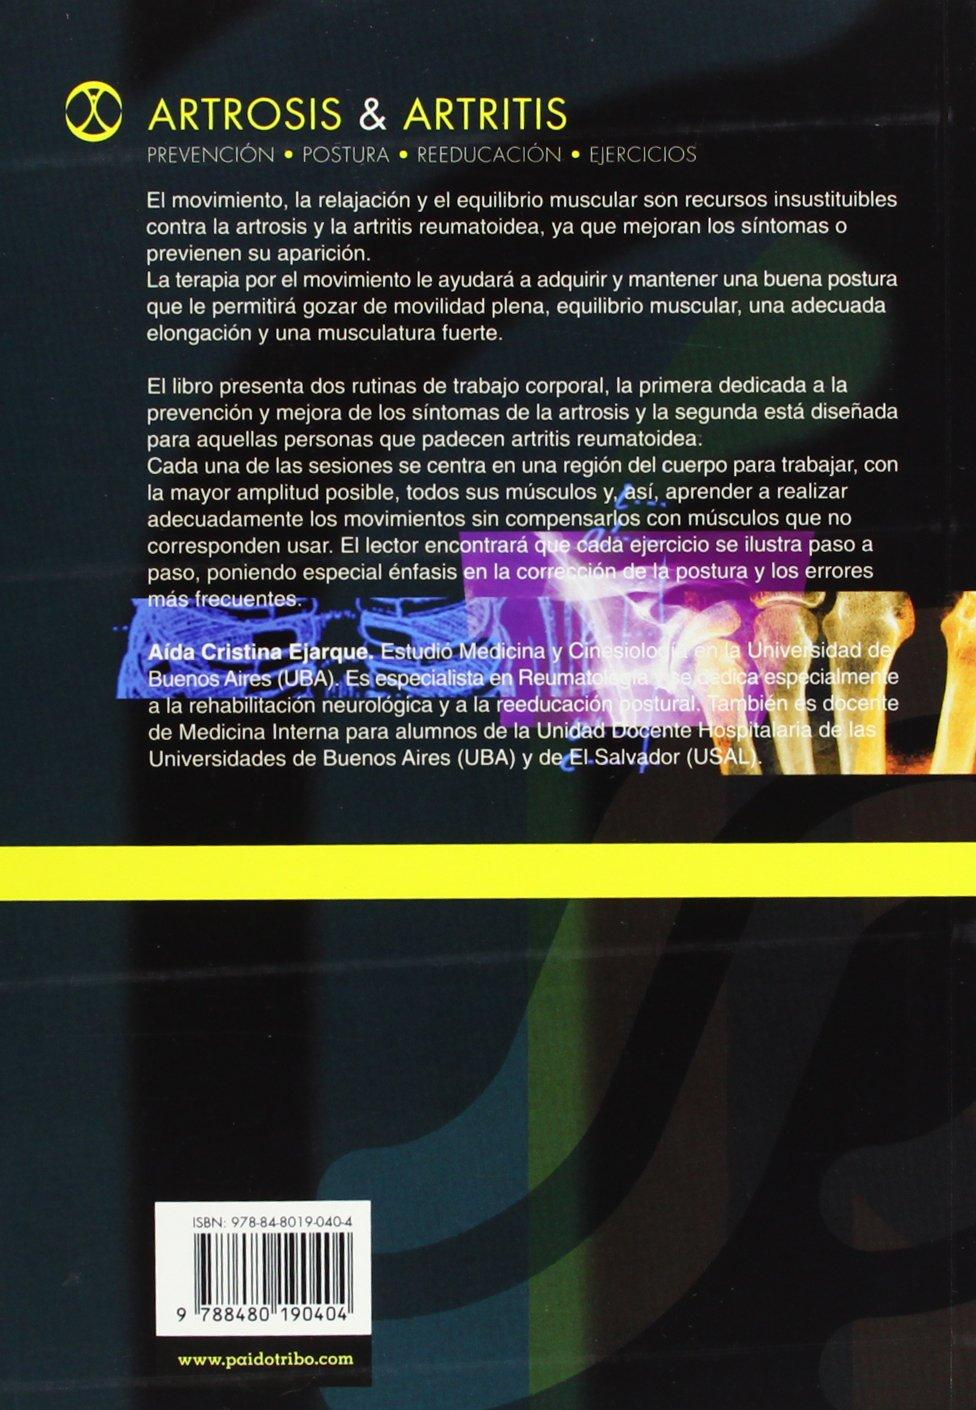 Prevencion, postura, reeducacion y ejercicios (Bicolor) (Spanish Edition): Aida Cristina Ejarque.: 9788480190404: Amazon.com: Books